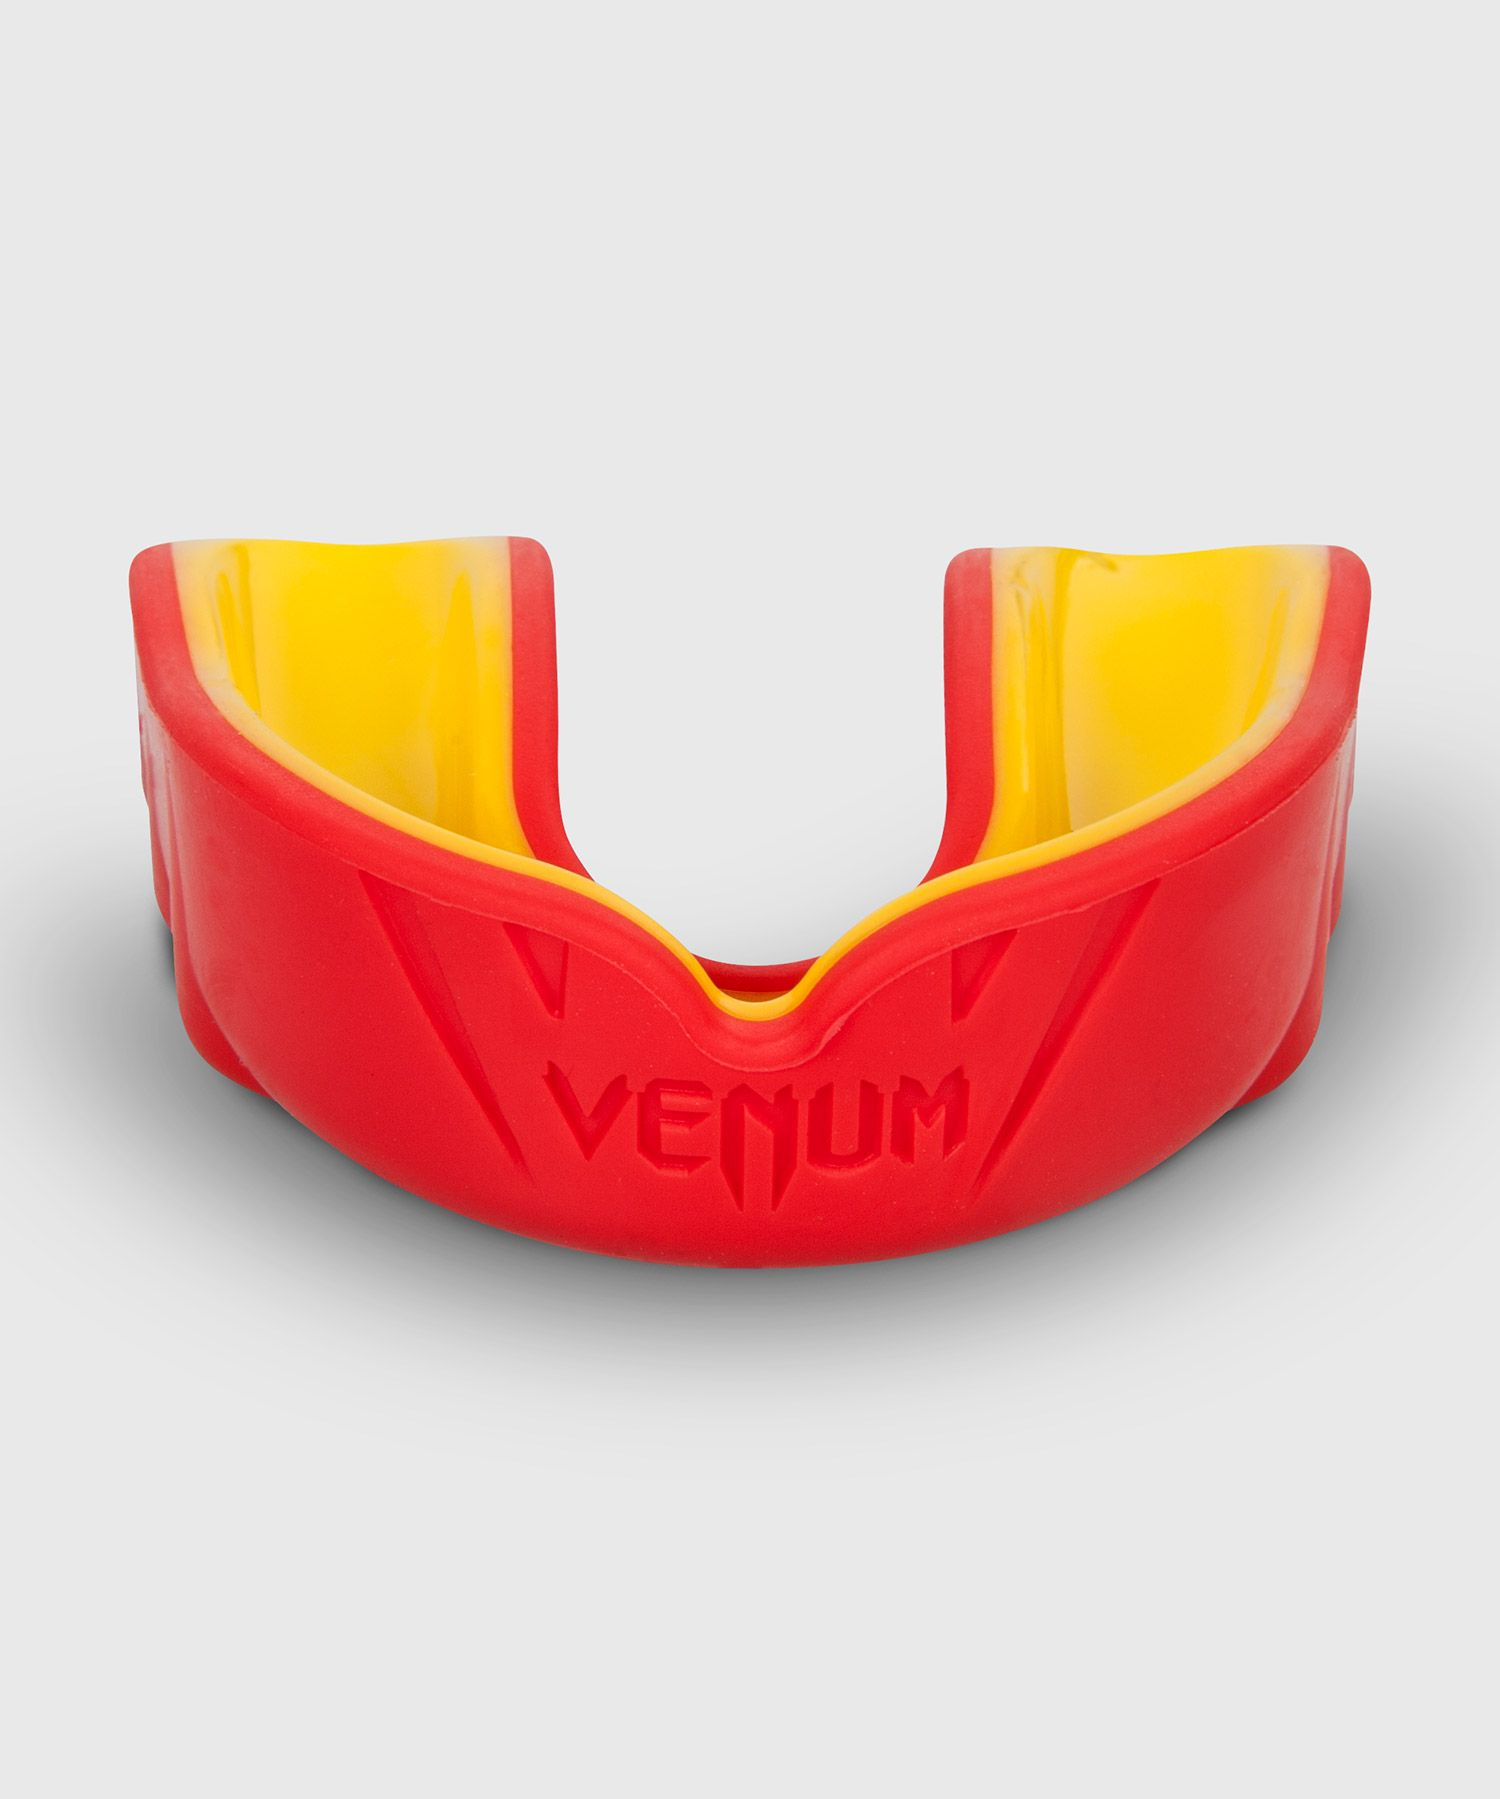 Paradenti Venum Challenger - Rosso/Giallo